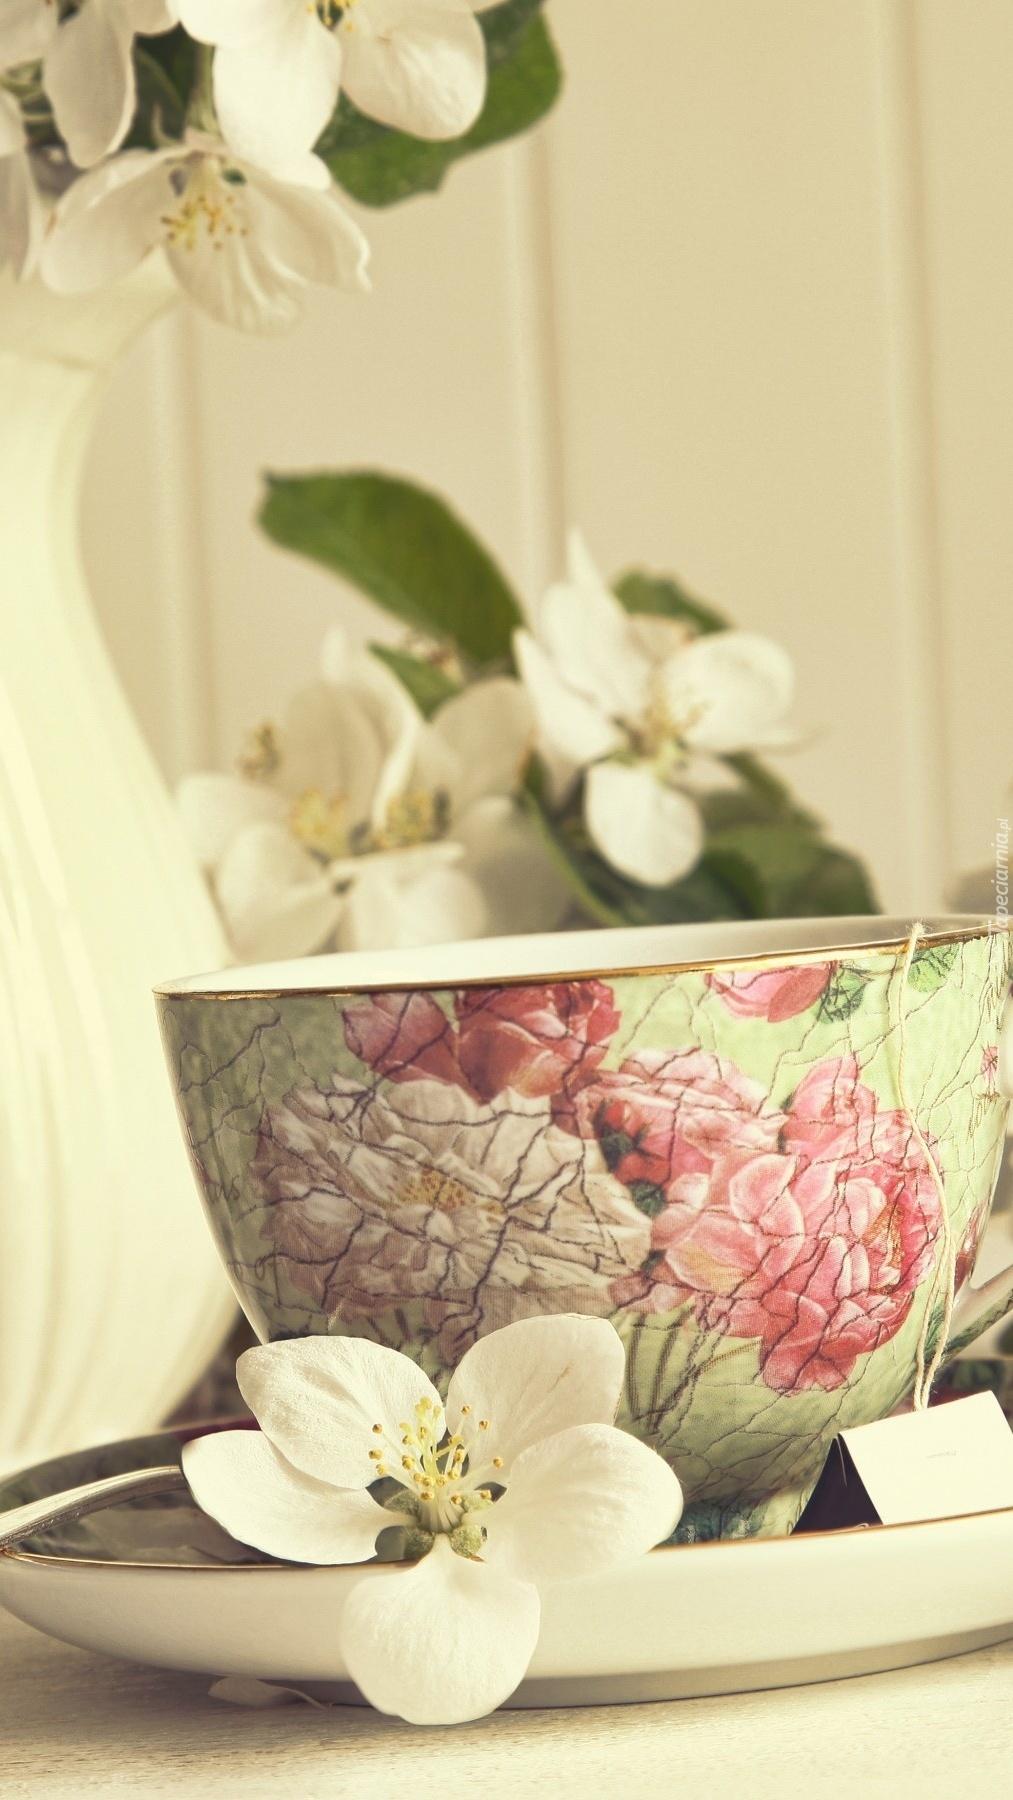 Kwiaty jaśminu przy filiżance herbaty